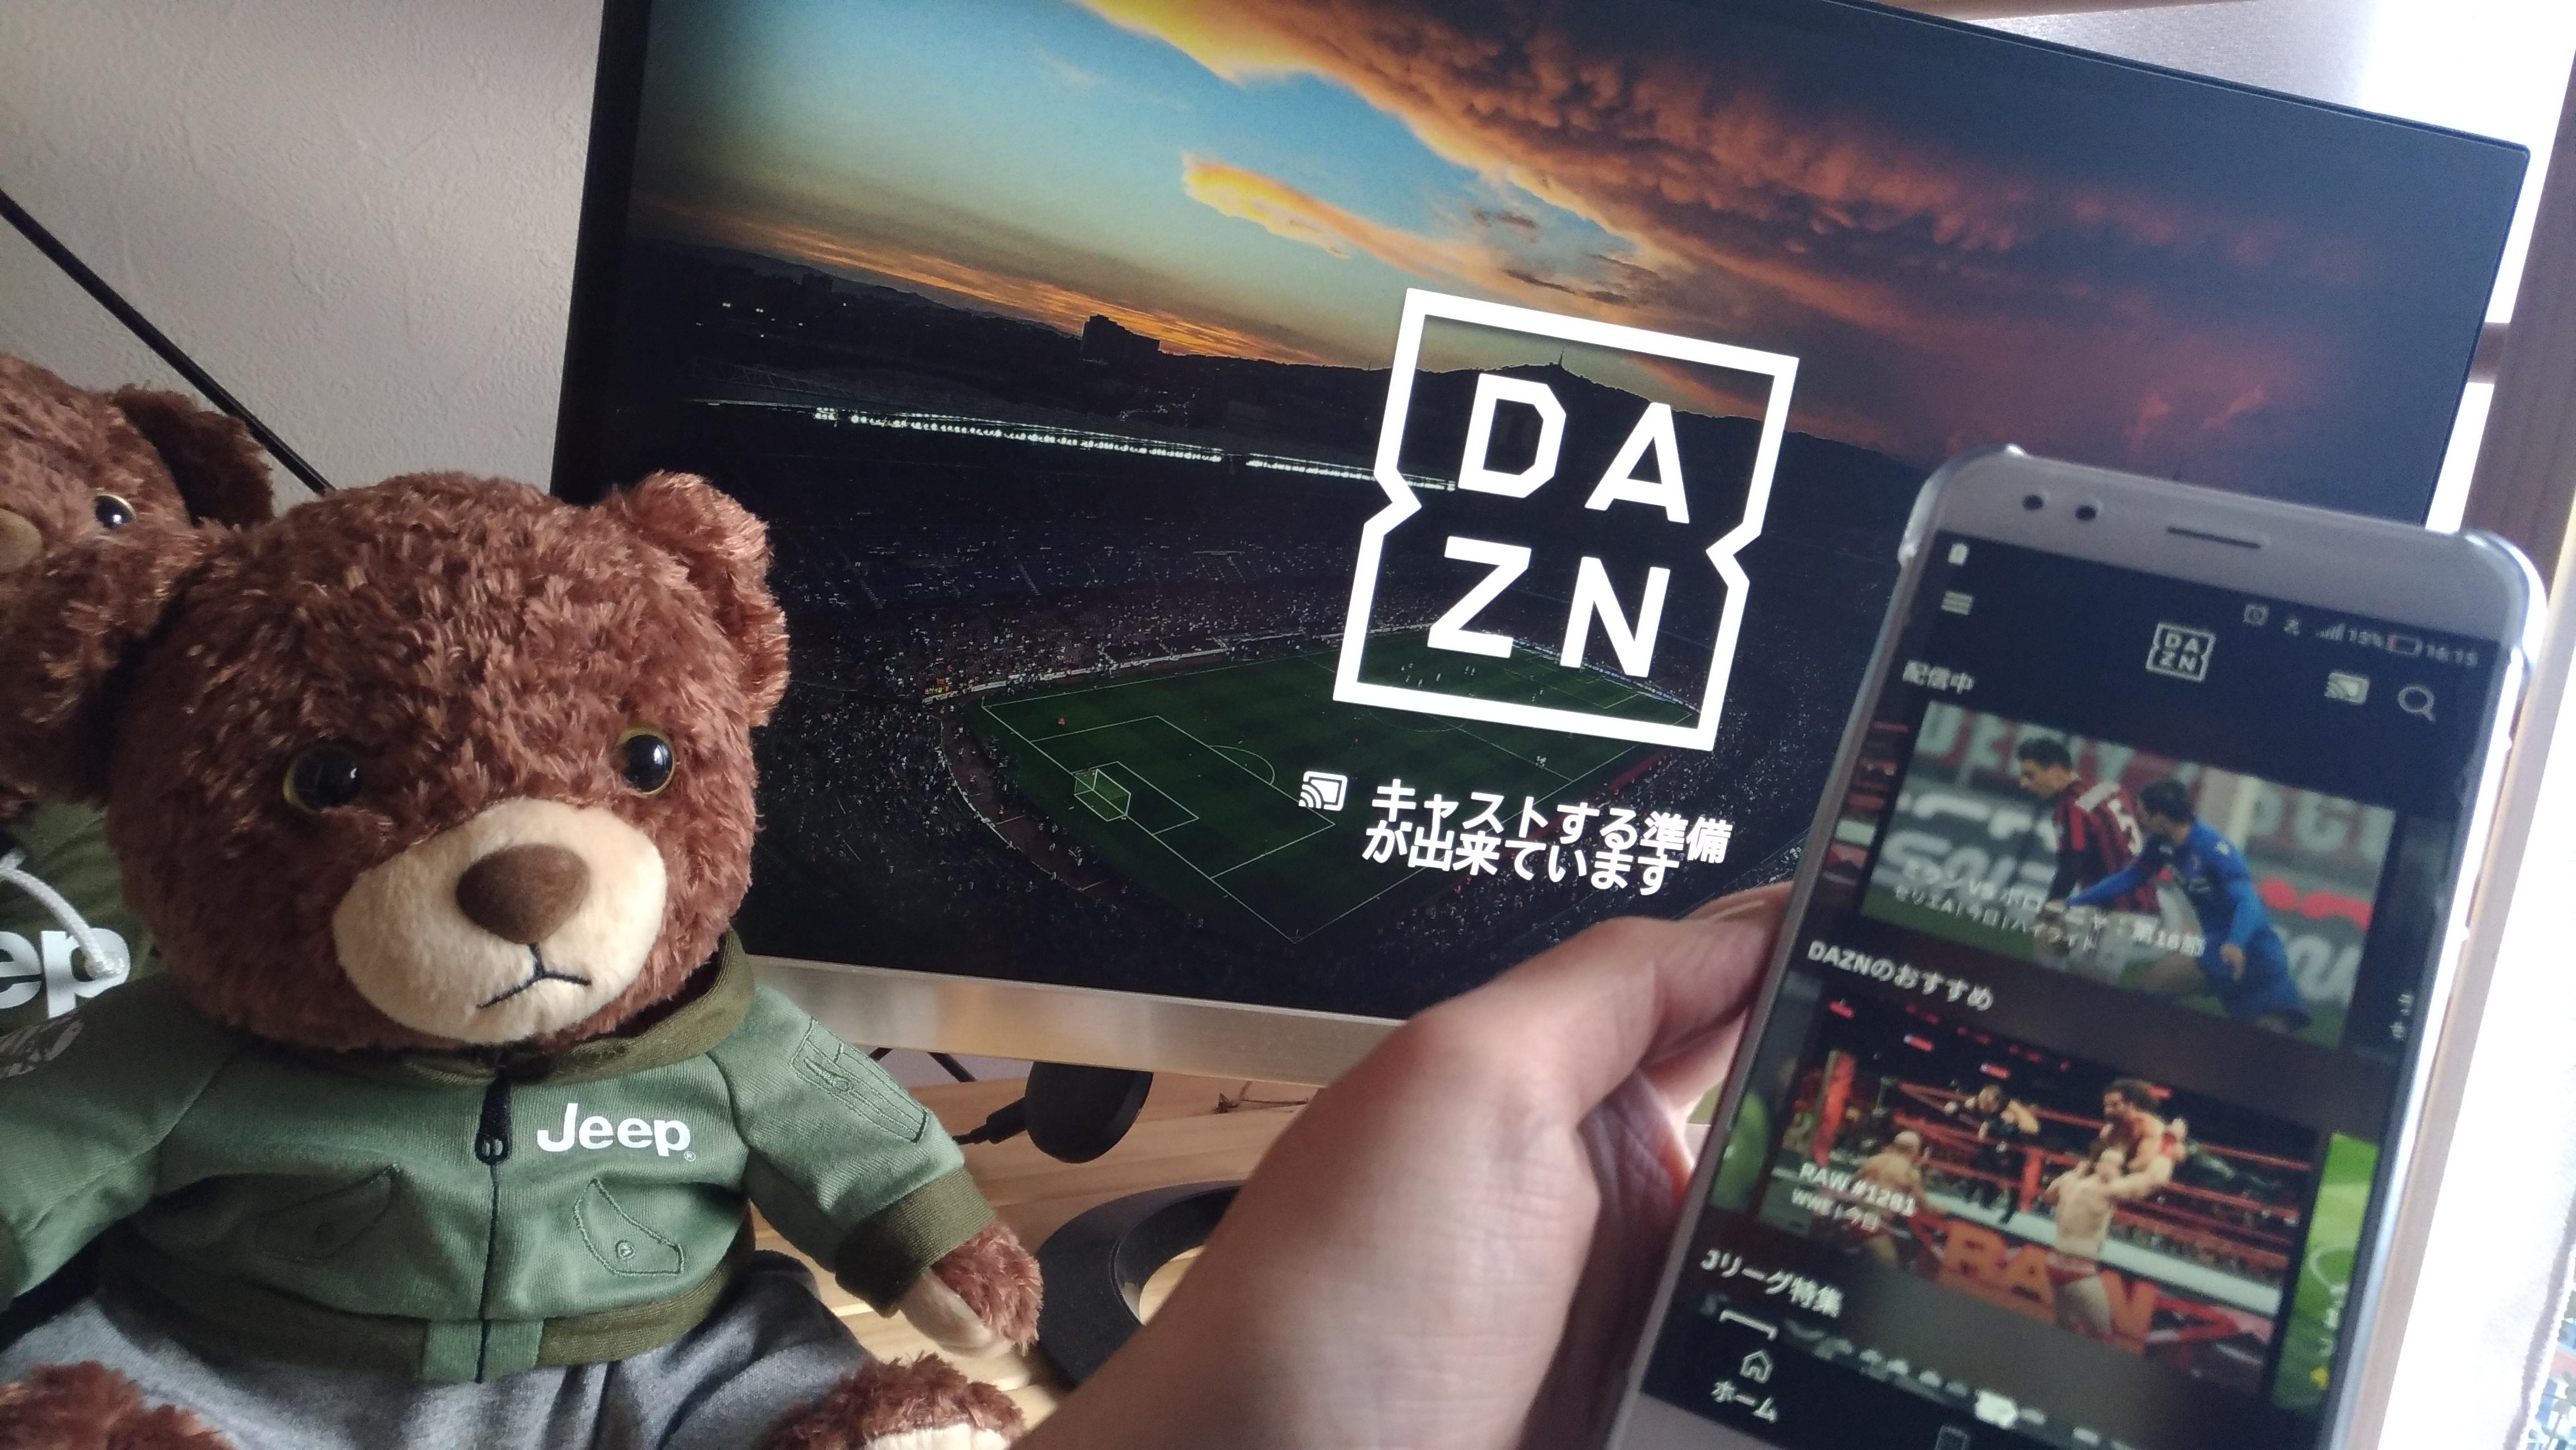 DAZNアプリにはキャスト機能